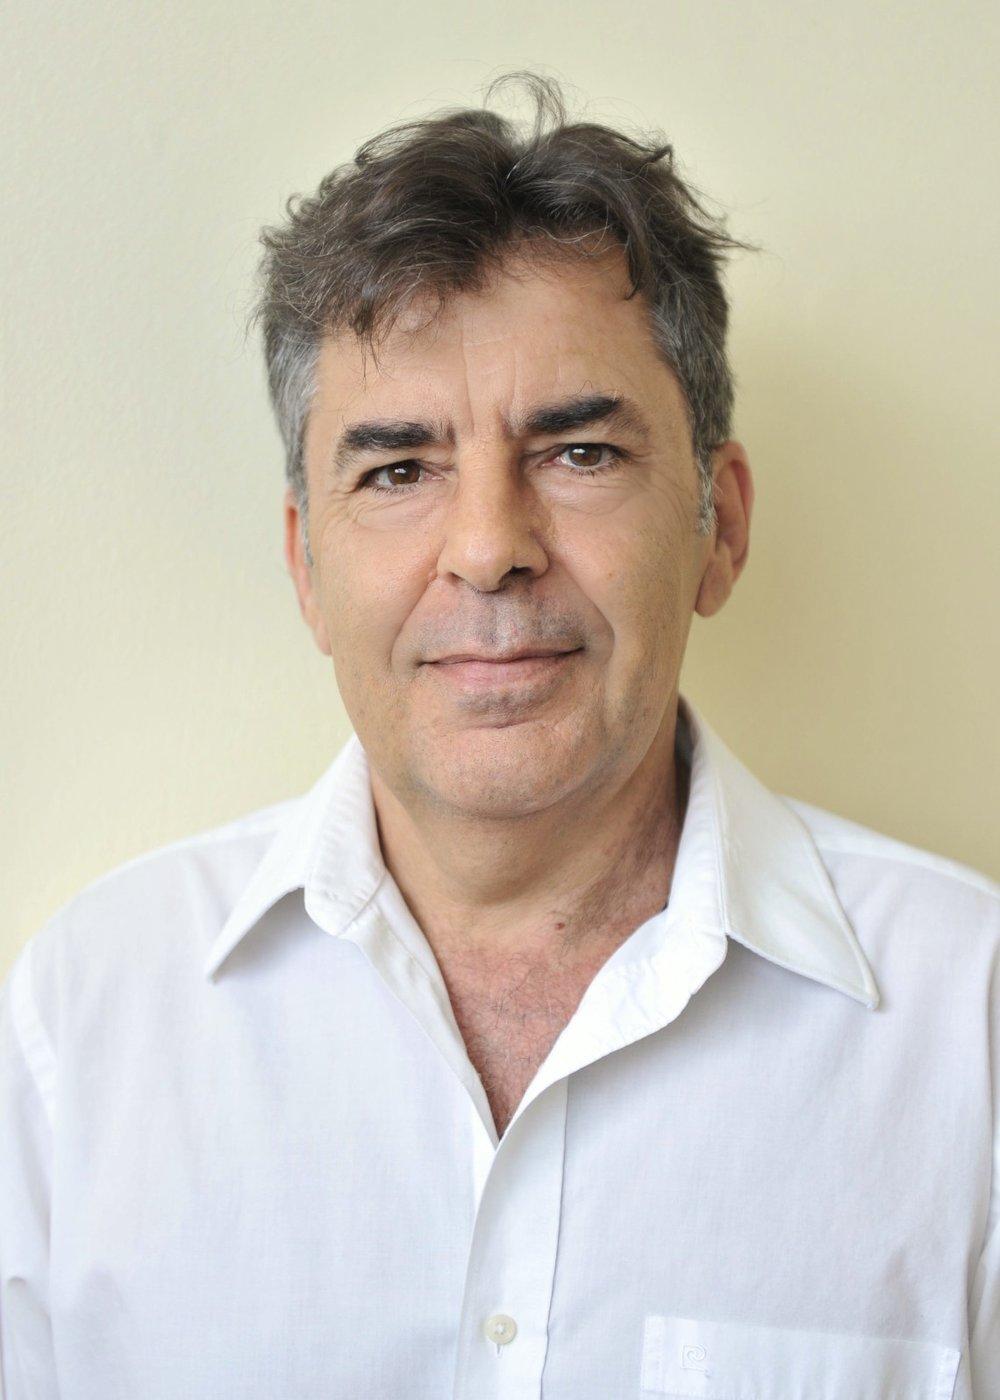 Ricky Brandino